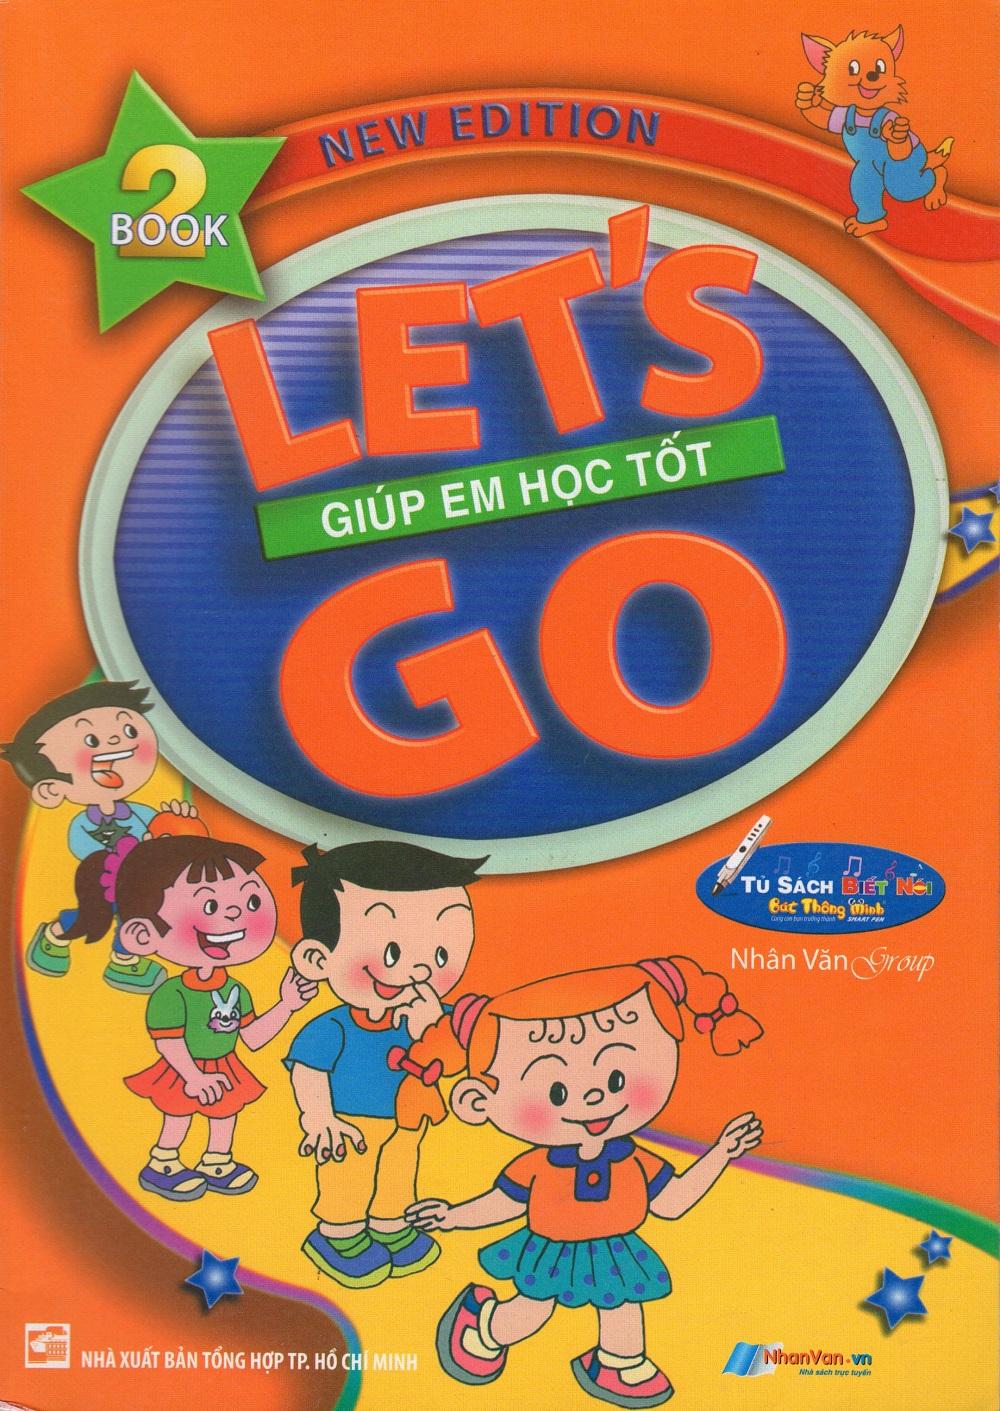 Bìa sách Giúp Em Học Tốt - Let